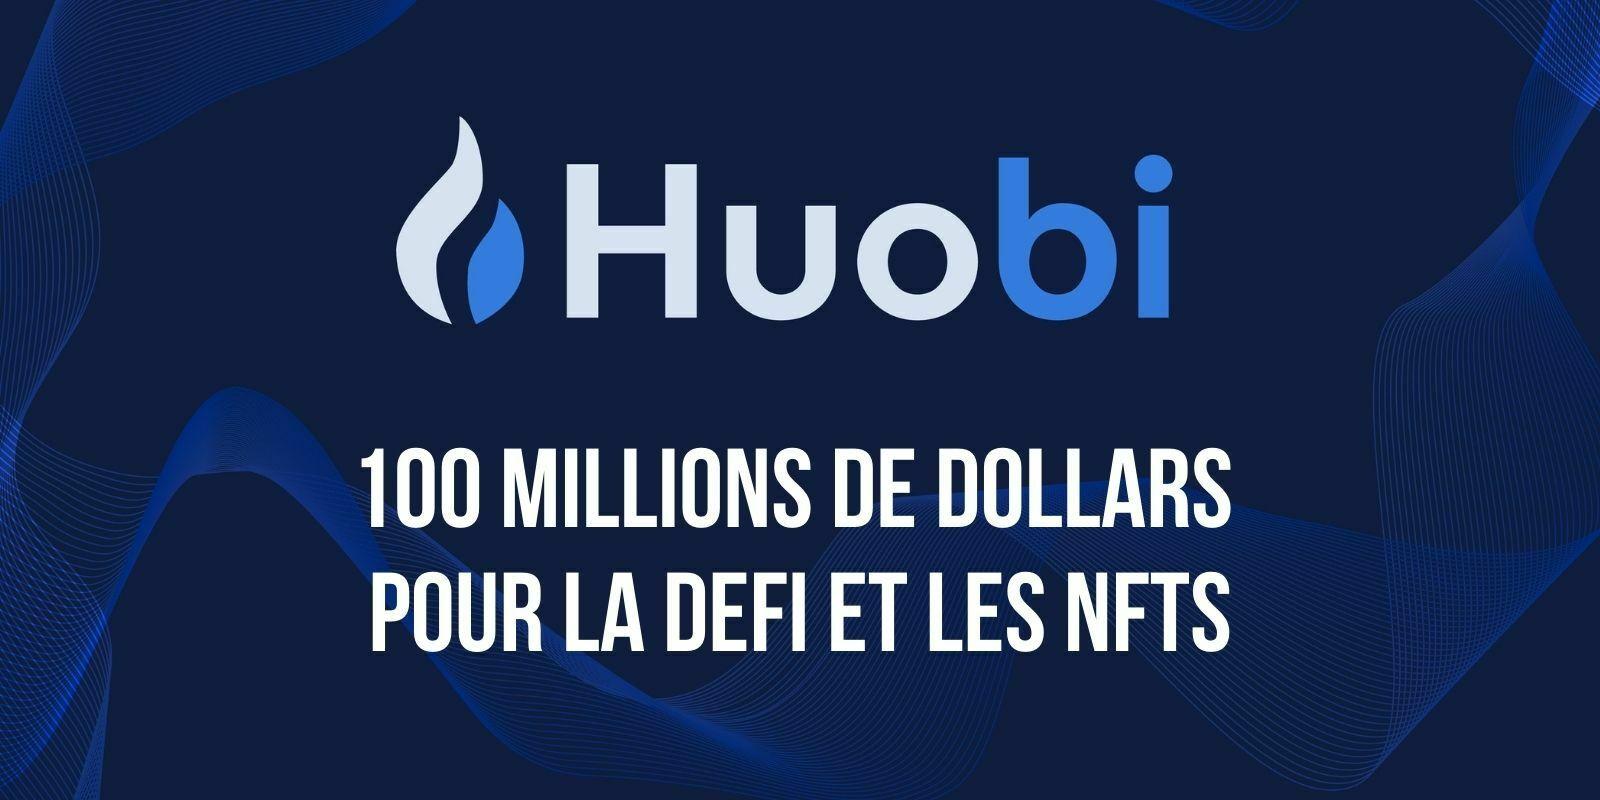 Huobi lance un fonds d'investissement de 100 millions de dollars dédié à la DeFi et aux NFTs